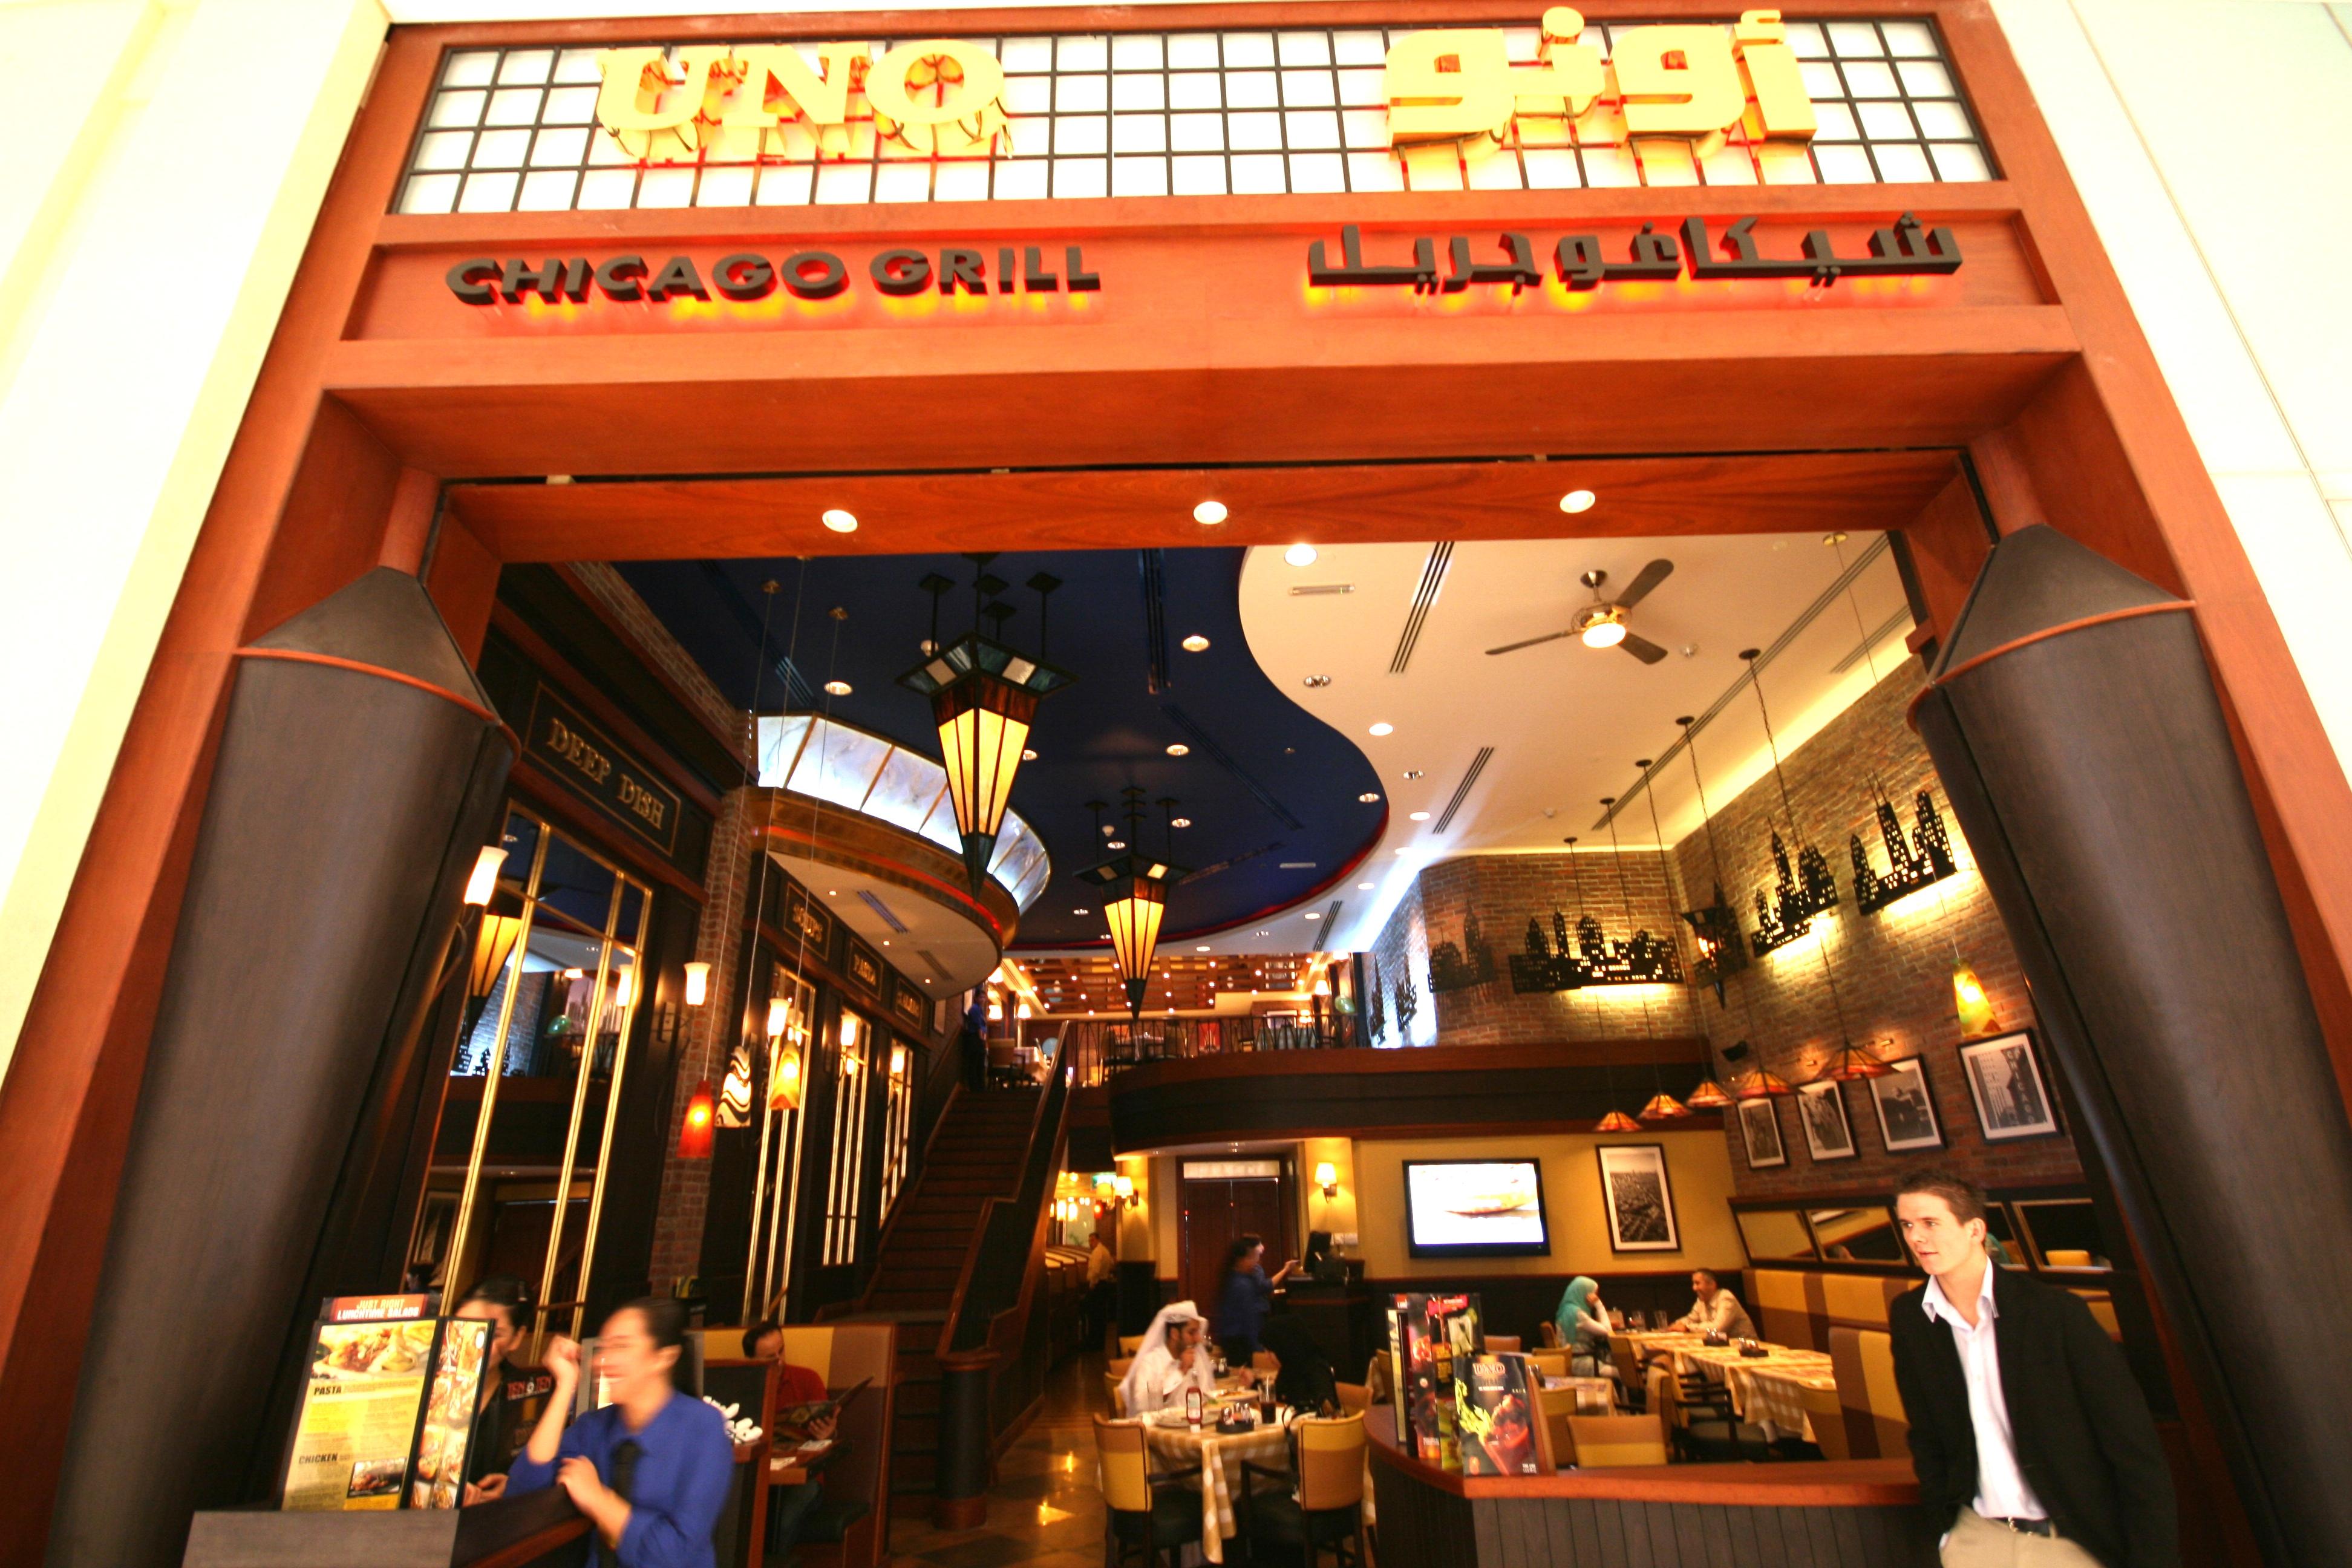 مطعم Pizzeria Uno Chicago Grill